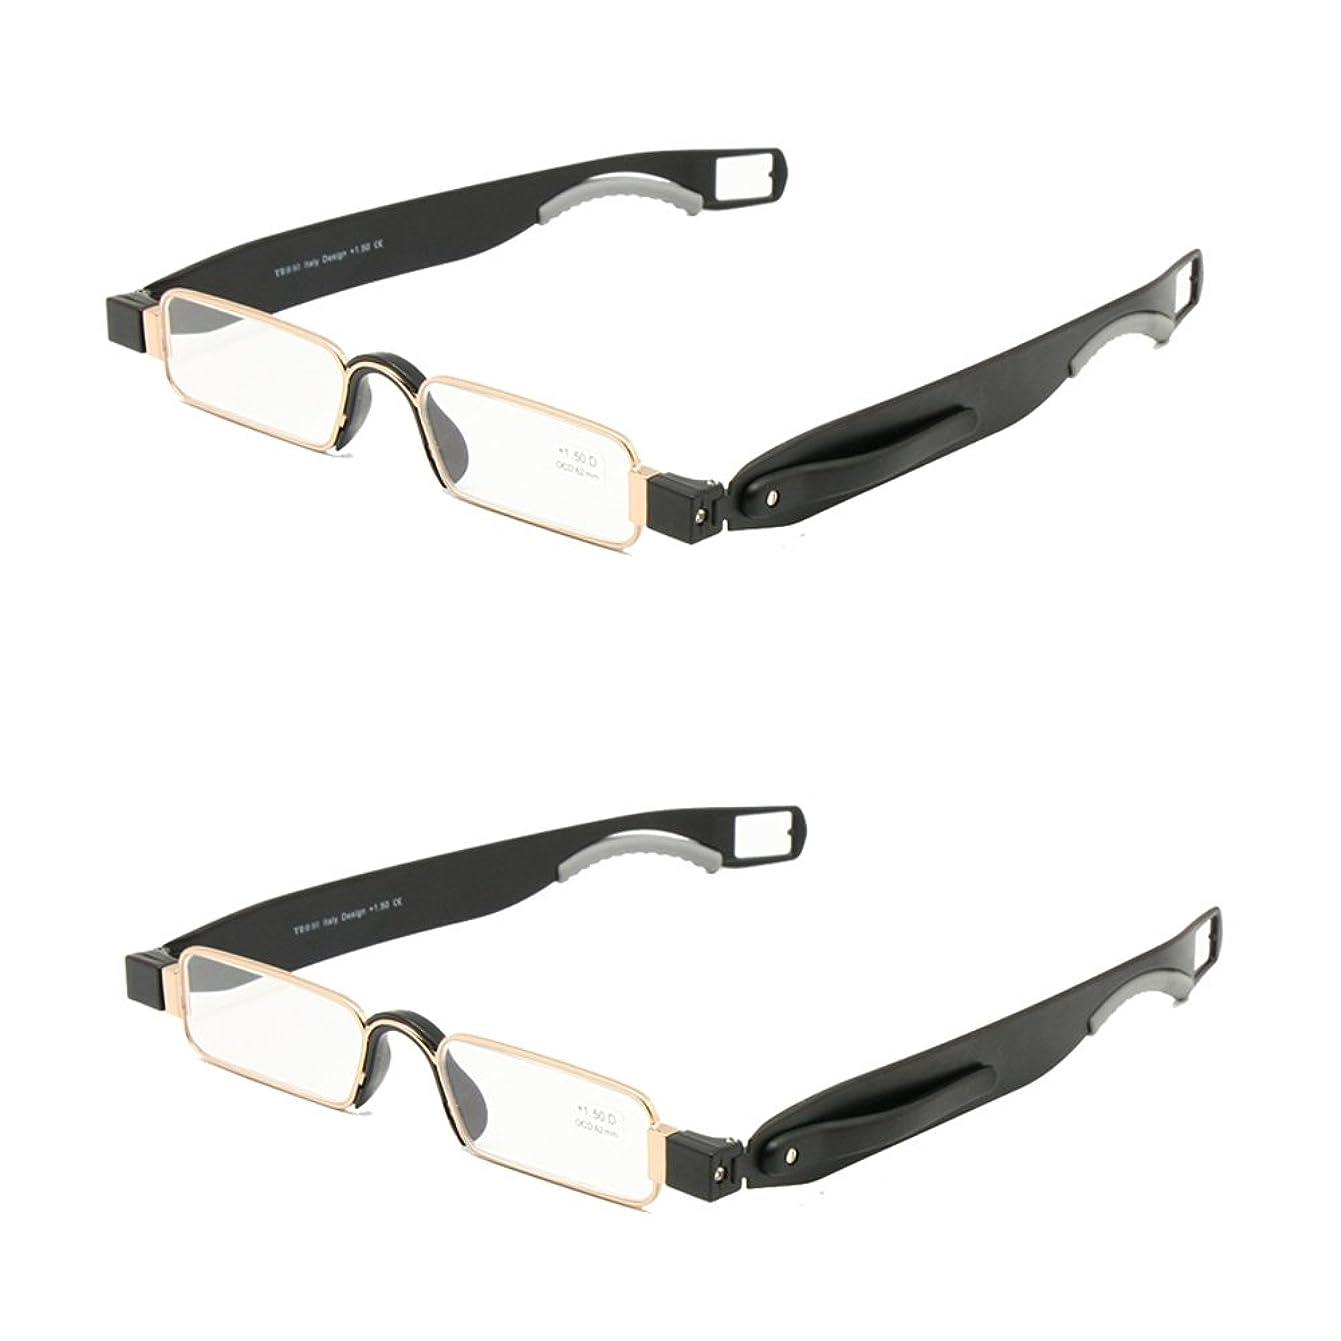 アナログ送る暴露する折りたたみ老眼鏡レザーケースミニポケットリーダーフラット薄型老眼 + 1.0 ~ + 3.5 (+200, 2組)